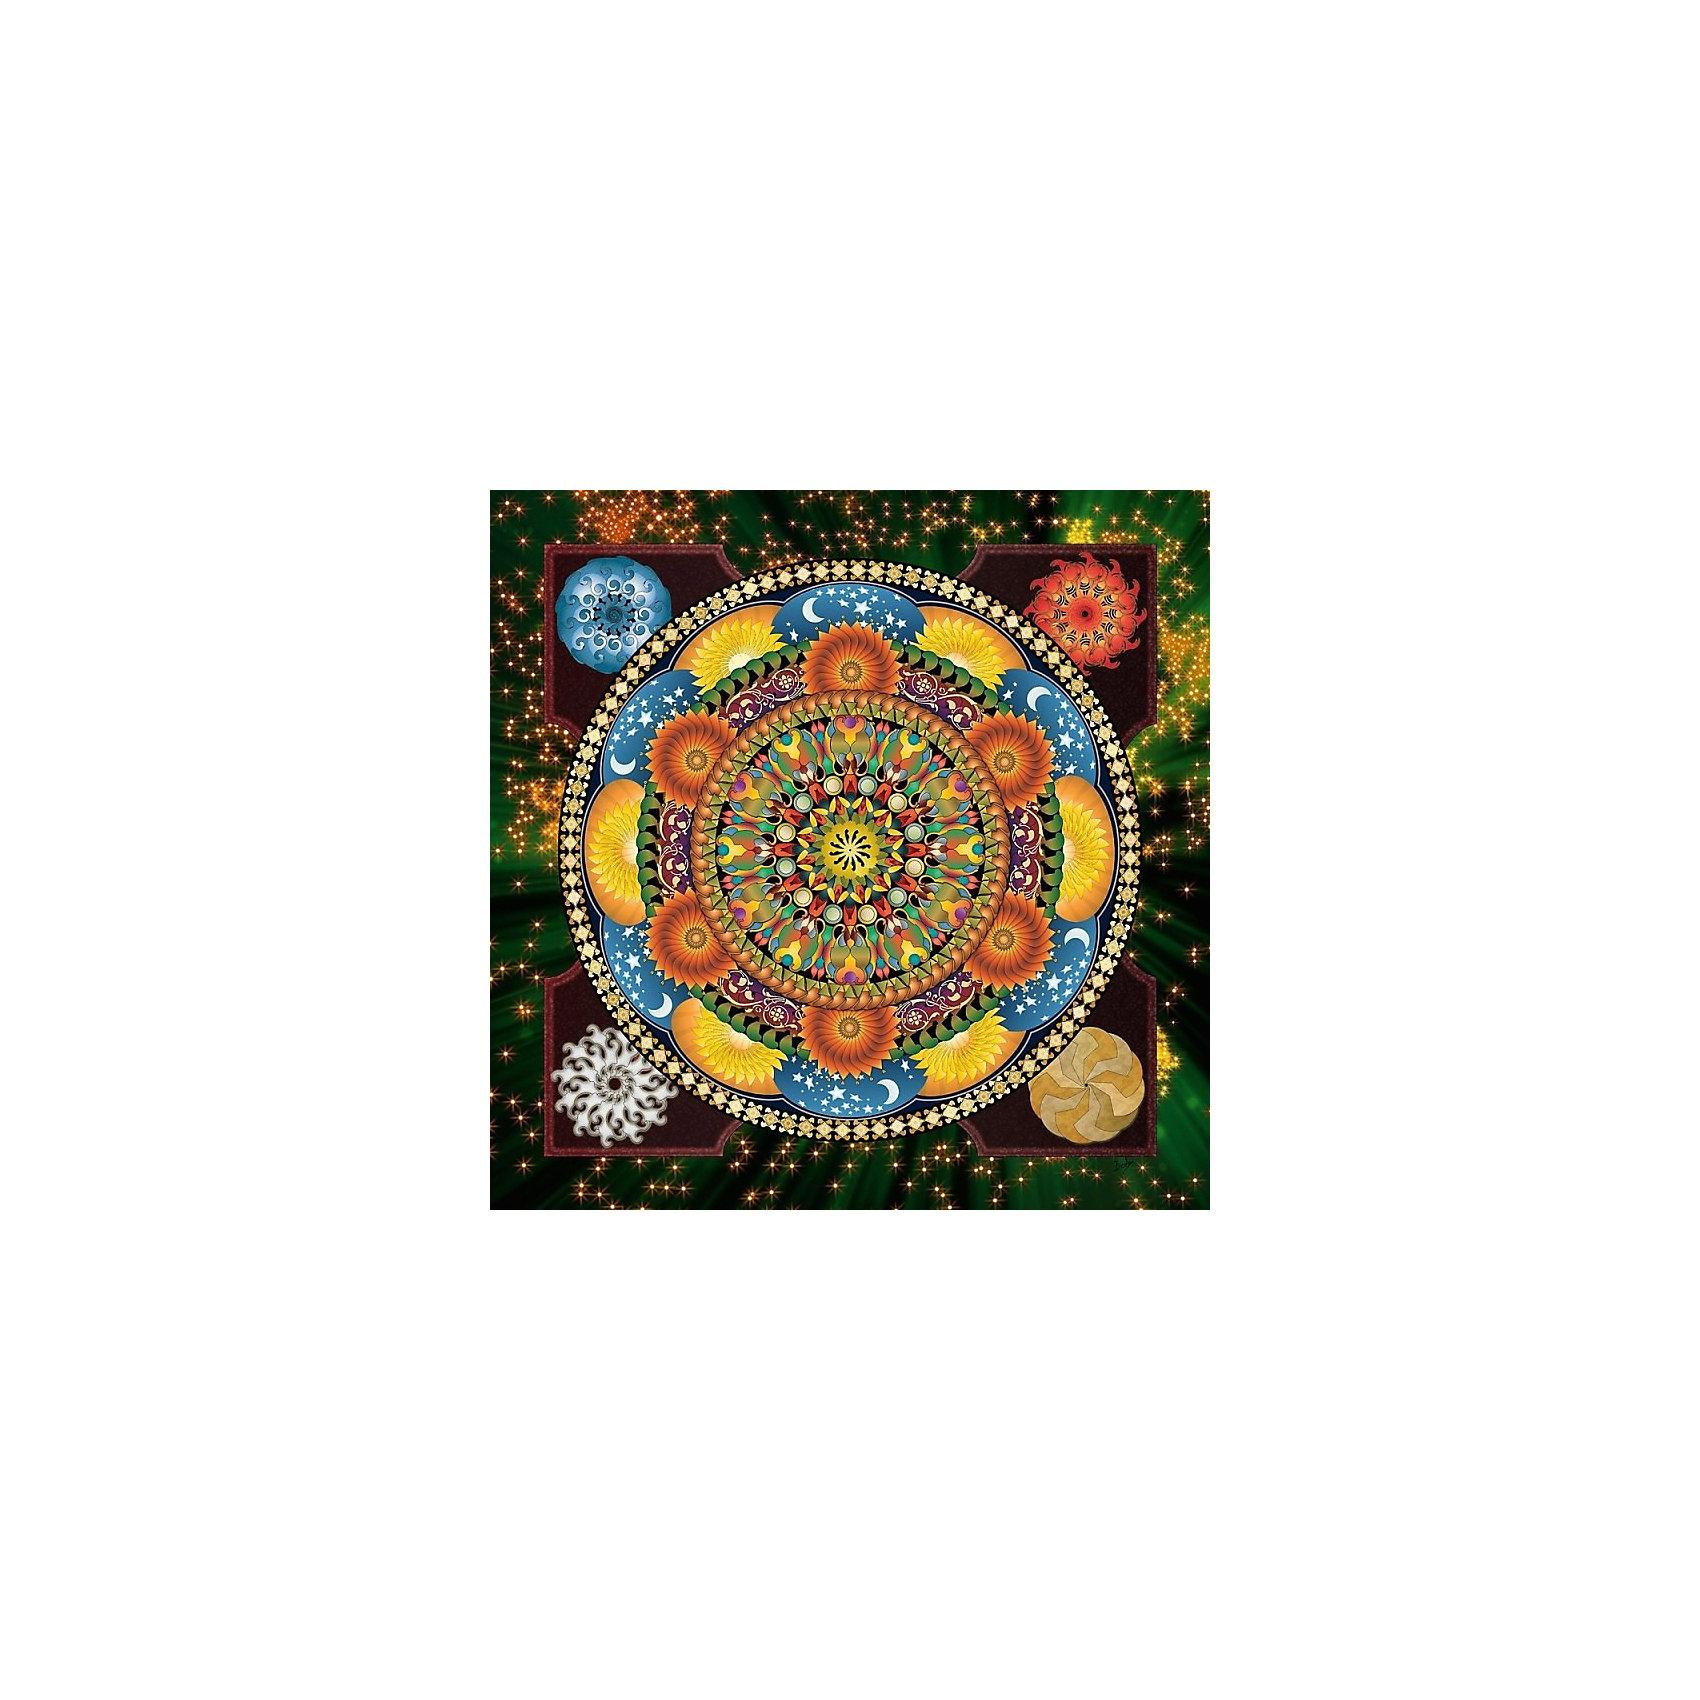 Алмазная мозаика по номерами Мандала Стихии 40*40 смХарактеристики товара:<br><br>• размер: 40x40 см<br>• размер упаковки: 42x42х5 см<br>• комплектация: холст 40х40 см, комплект искусственных камней, пинцет, пластмассовый лоток для камней, пластмассовый карандаш для камней, клей<br>• материал: акрил, текстиль, пластик<br>• не требует специальных навыков<br>• для творчества<br>• страна бренда: Российская Федерация<br>• страна производства: Китай<br><br>Алмазная мозаика в настоящий момент очень популярна, и это не удивительно! С помощью подобных наборов можно создавать красивые переливающиеся картины, при этом совсем не обязательно иметь опыт рукоделия. В набор для создания алмазной мозаики входит основа, на которую нужно наклеить небольшие камни - поля пронумерованы, поэтому найти для них правильное место не составит труда. В итоге получается картина, которой можно украсить помещение или подарить кому-то!<br>Набор станет отличным подарком для взрослых и детей. Подобные занятия помогают ребенку развивать важные навыки и способности, они активизирует мышление, формируют усидчивость, логику, абстрактное мышление и воображение. Изделие производится из качественных и проверенных материалов, которые безопасны для детей.<br><br>Алмазную мозаику по номерам Мандала Стихии 40*40 см от бренда Tukzar можно купить в нашем интернет-магазине.<br><br>Ширина мм: 420<br>Глубина мм: 420<br>Высота мм: 50<br>Вес г: 900<br>Возраст от месяцев: 96<br>Возраст до месяцев: 2147483647<br>Пол: Женский<br>Возраст: Детский<br>SKU: 5217102